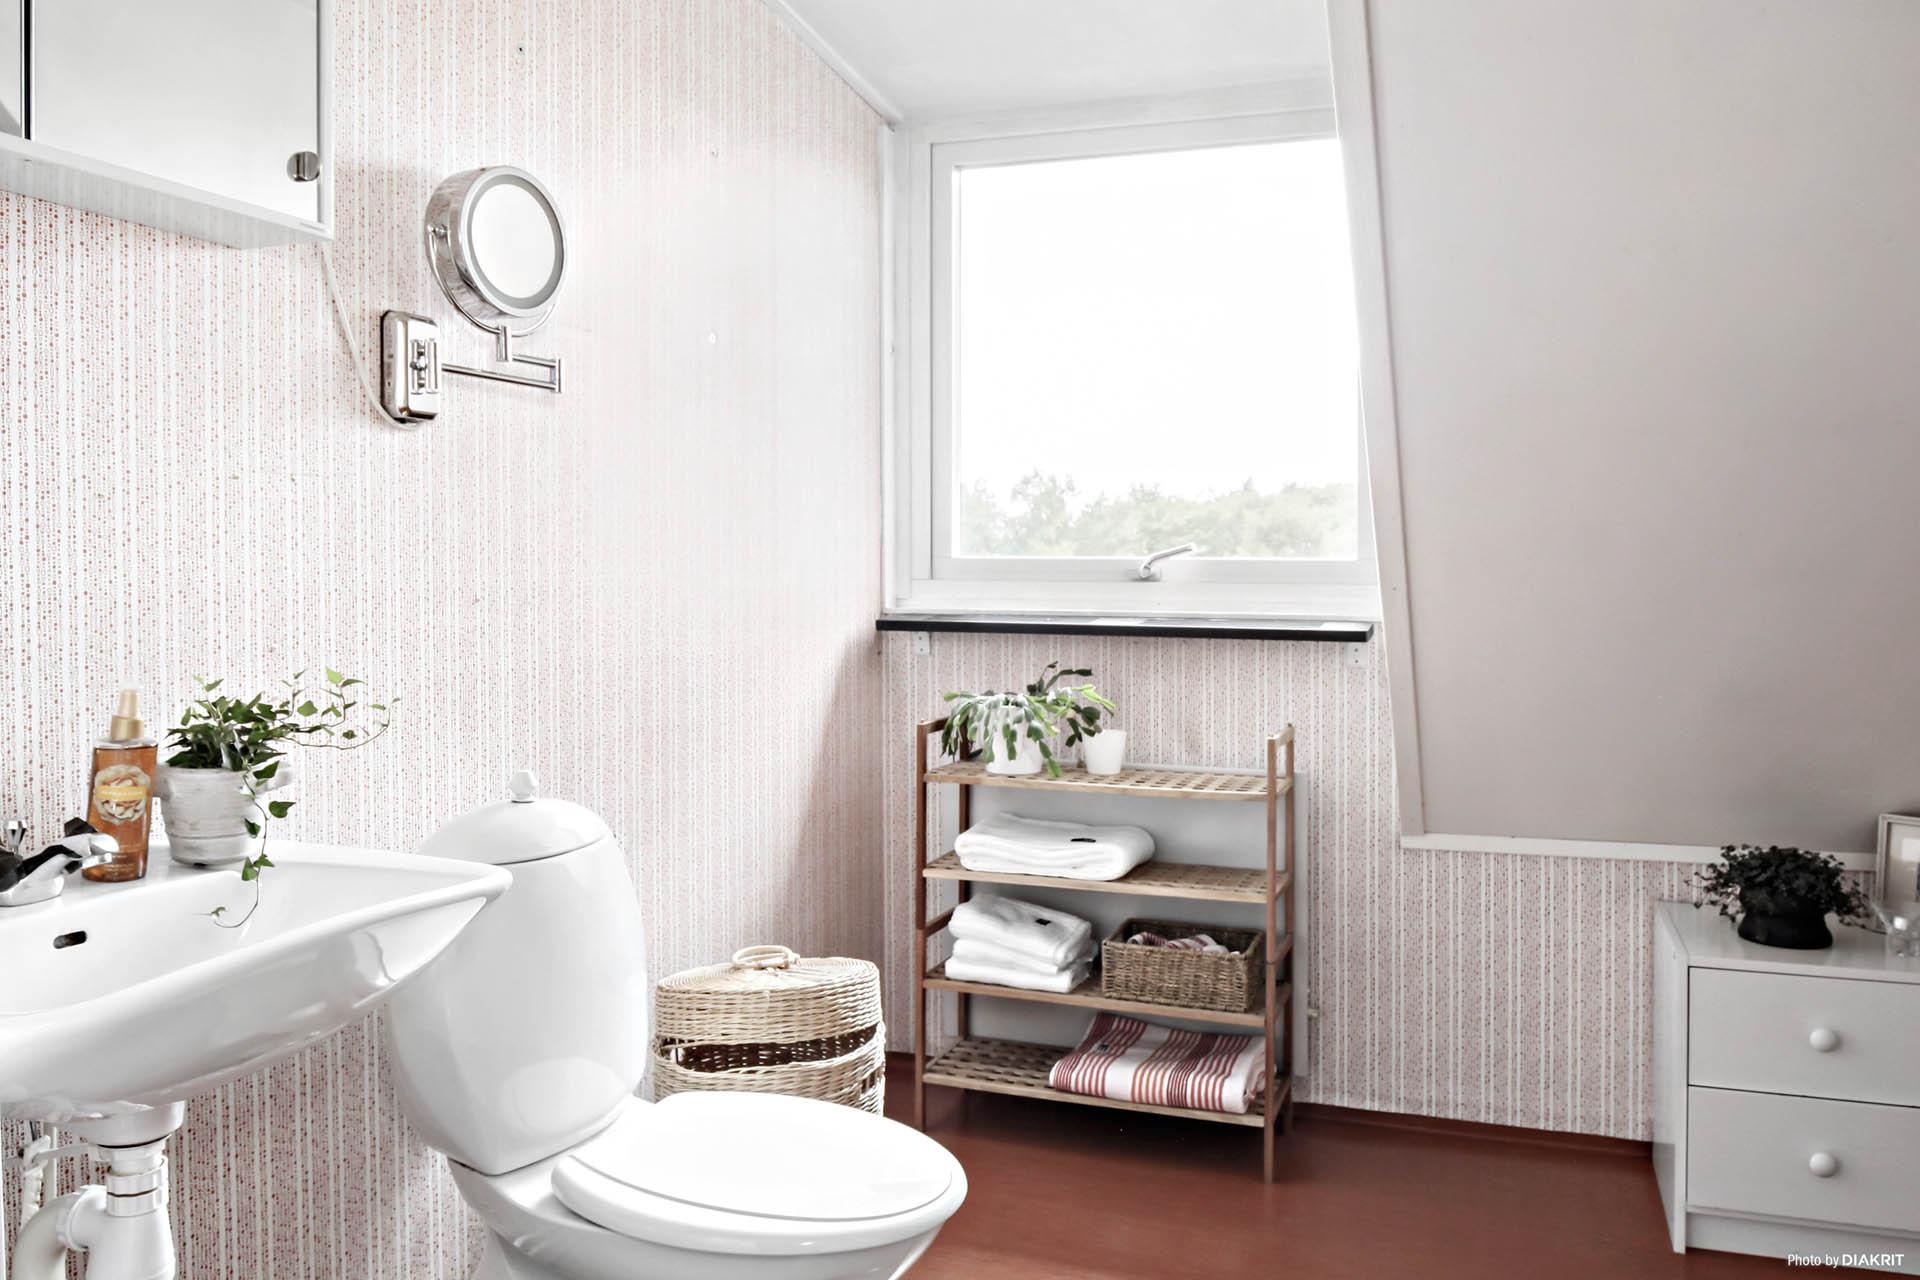 Badrummet på övervåningen, även det har ytskikt i originalutförande.